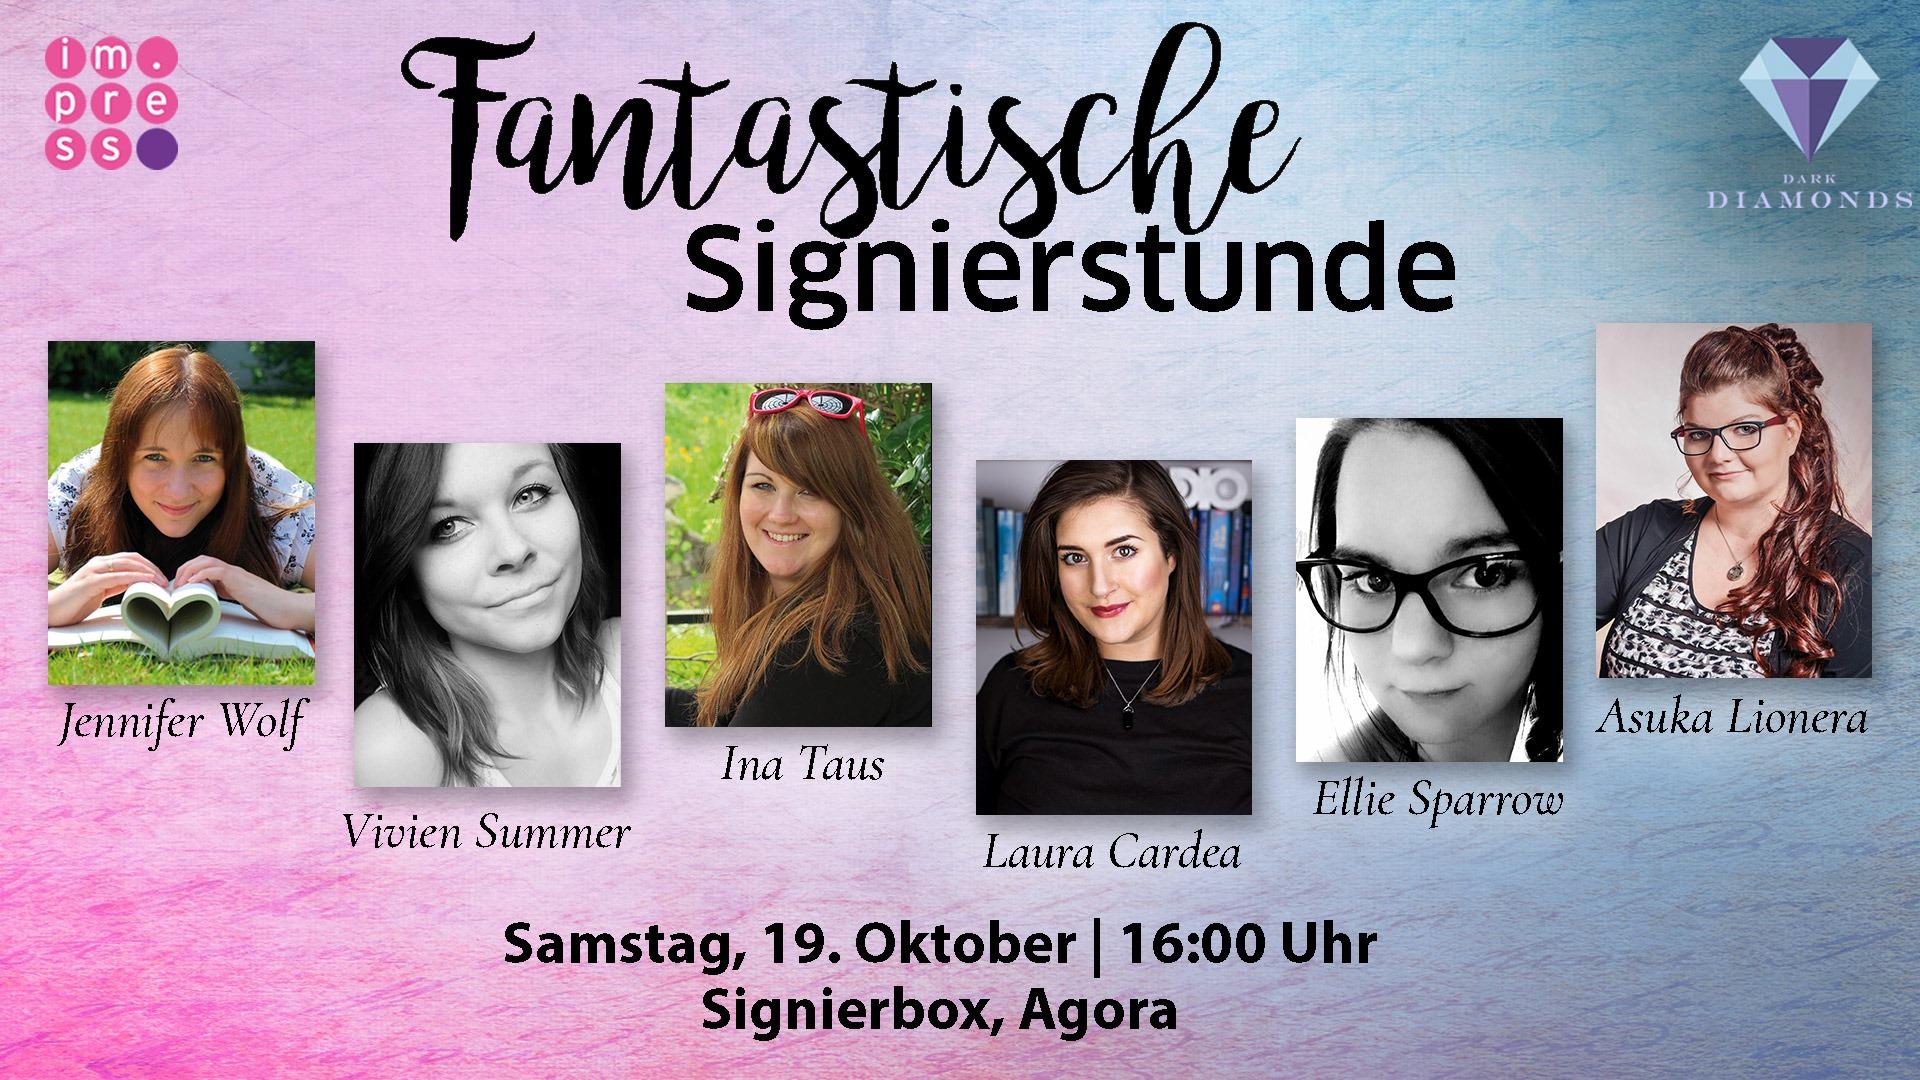 Fantastische Signierstunde von Impress und Dark Diamonds auf der Frankfurter Buchmesse 2019 (c) Carlsen Verlag